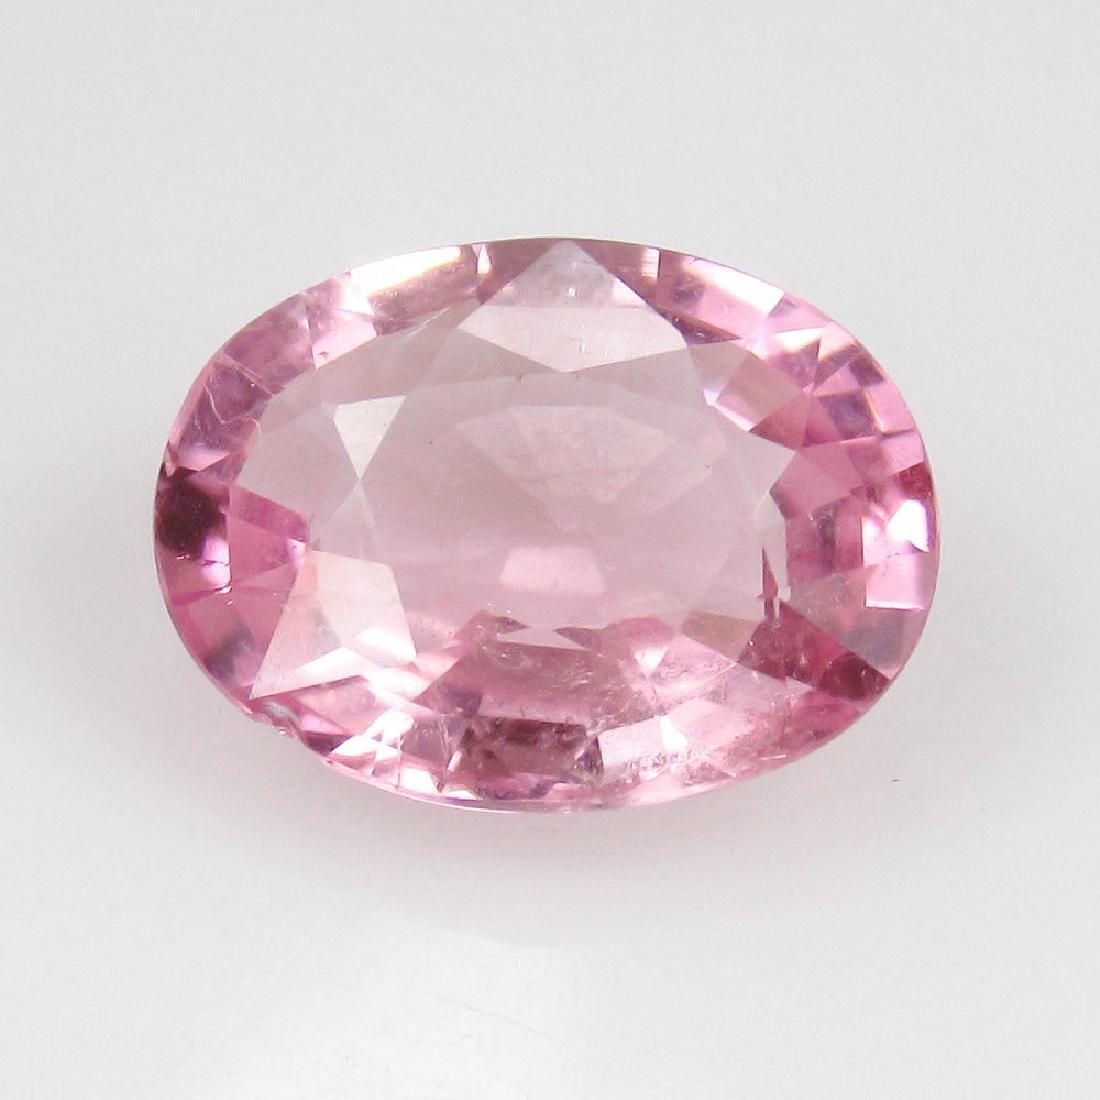 3.35 Ctw Natural Loose Sweet Pink Rubellite Tourmaline - 3